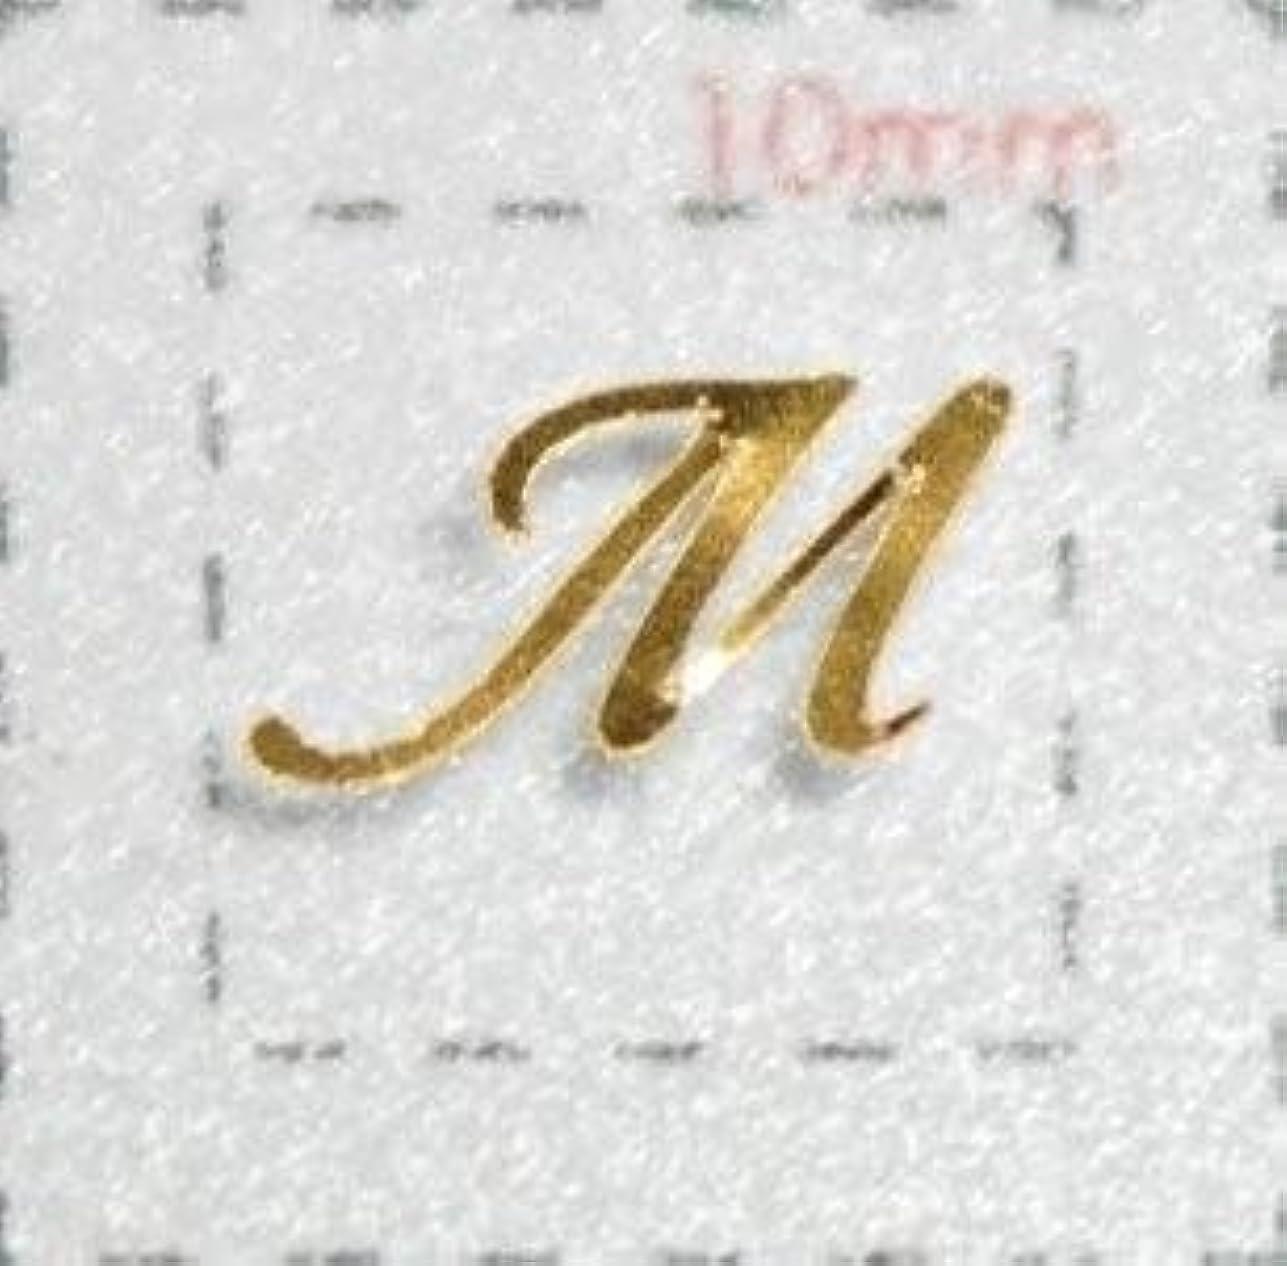 中国前方へターミナルNameネイルシール【アルファベット?イニシャル】大文字ゴールド( M )1シート9枚入